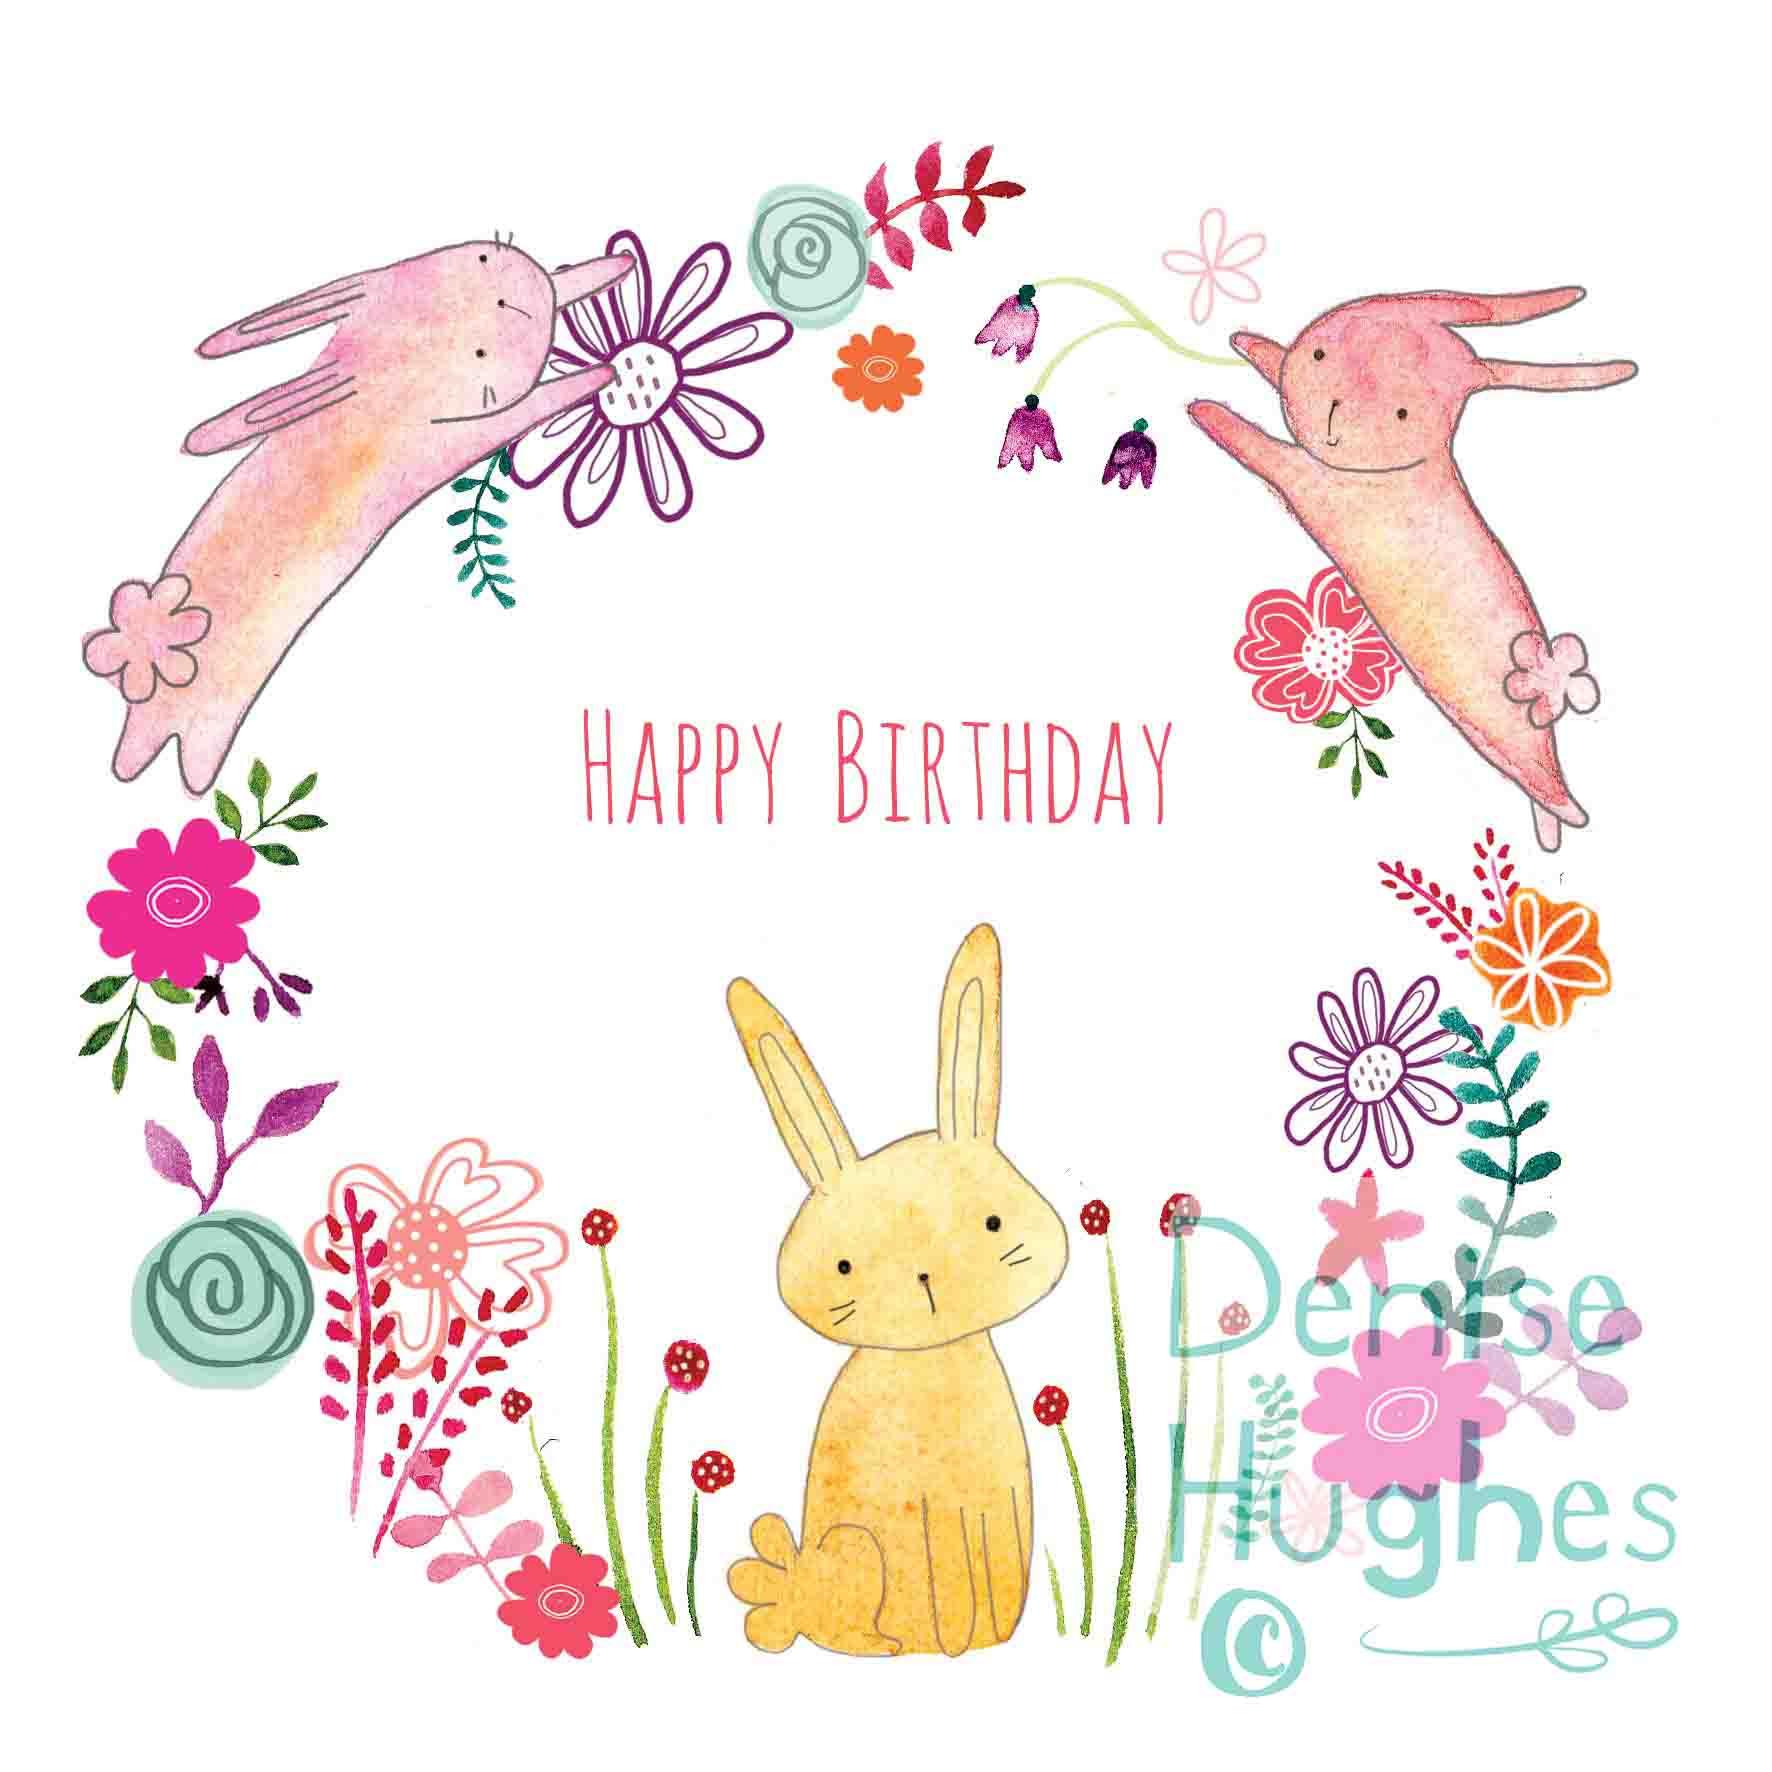 Birthday bunny card RGB.jpg